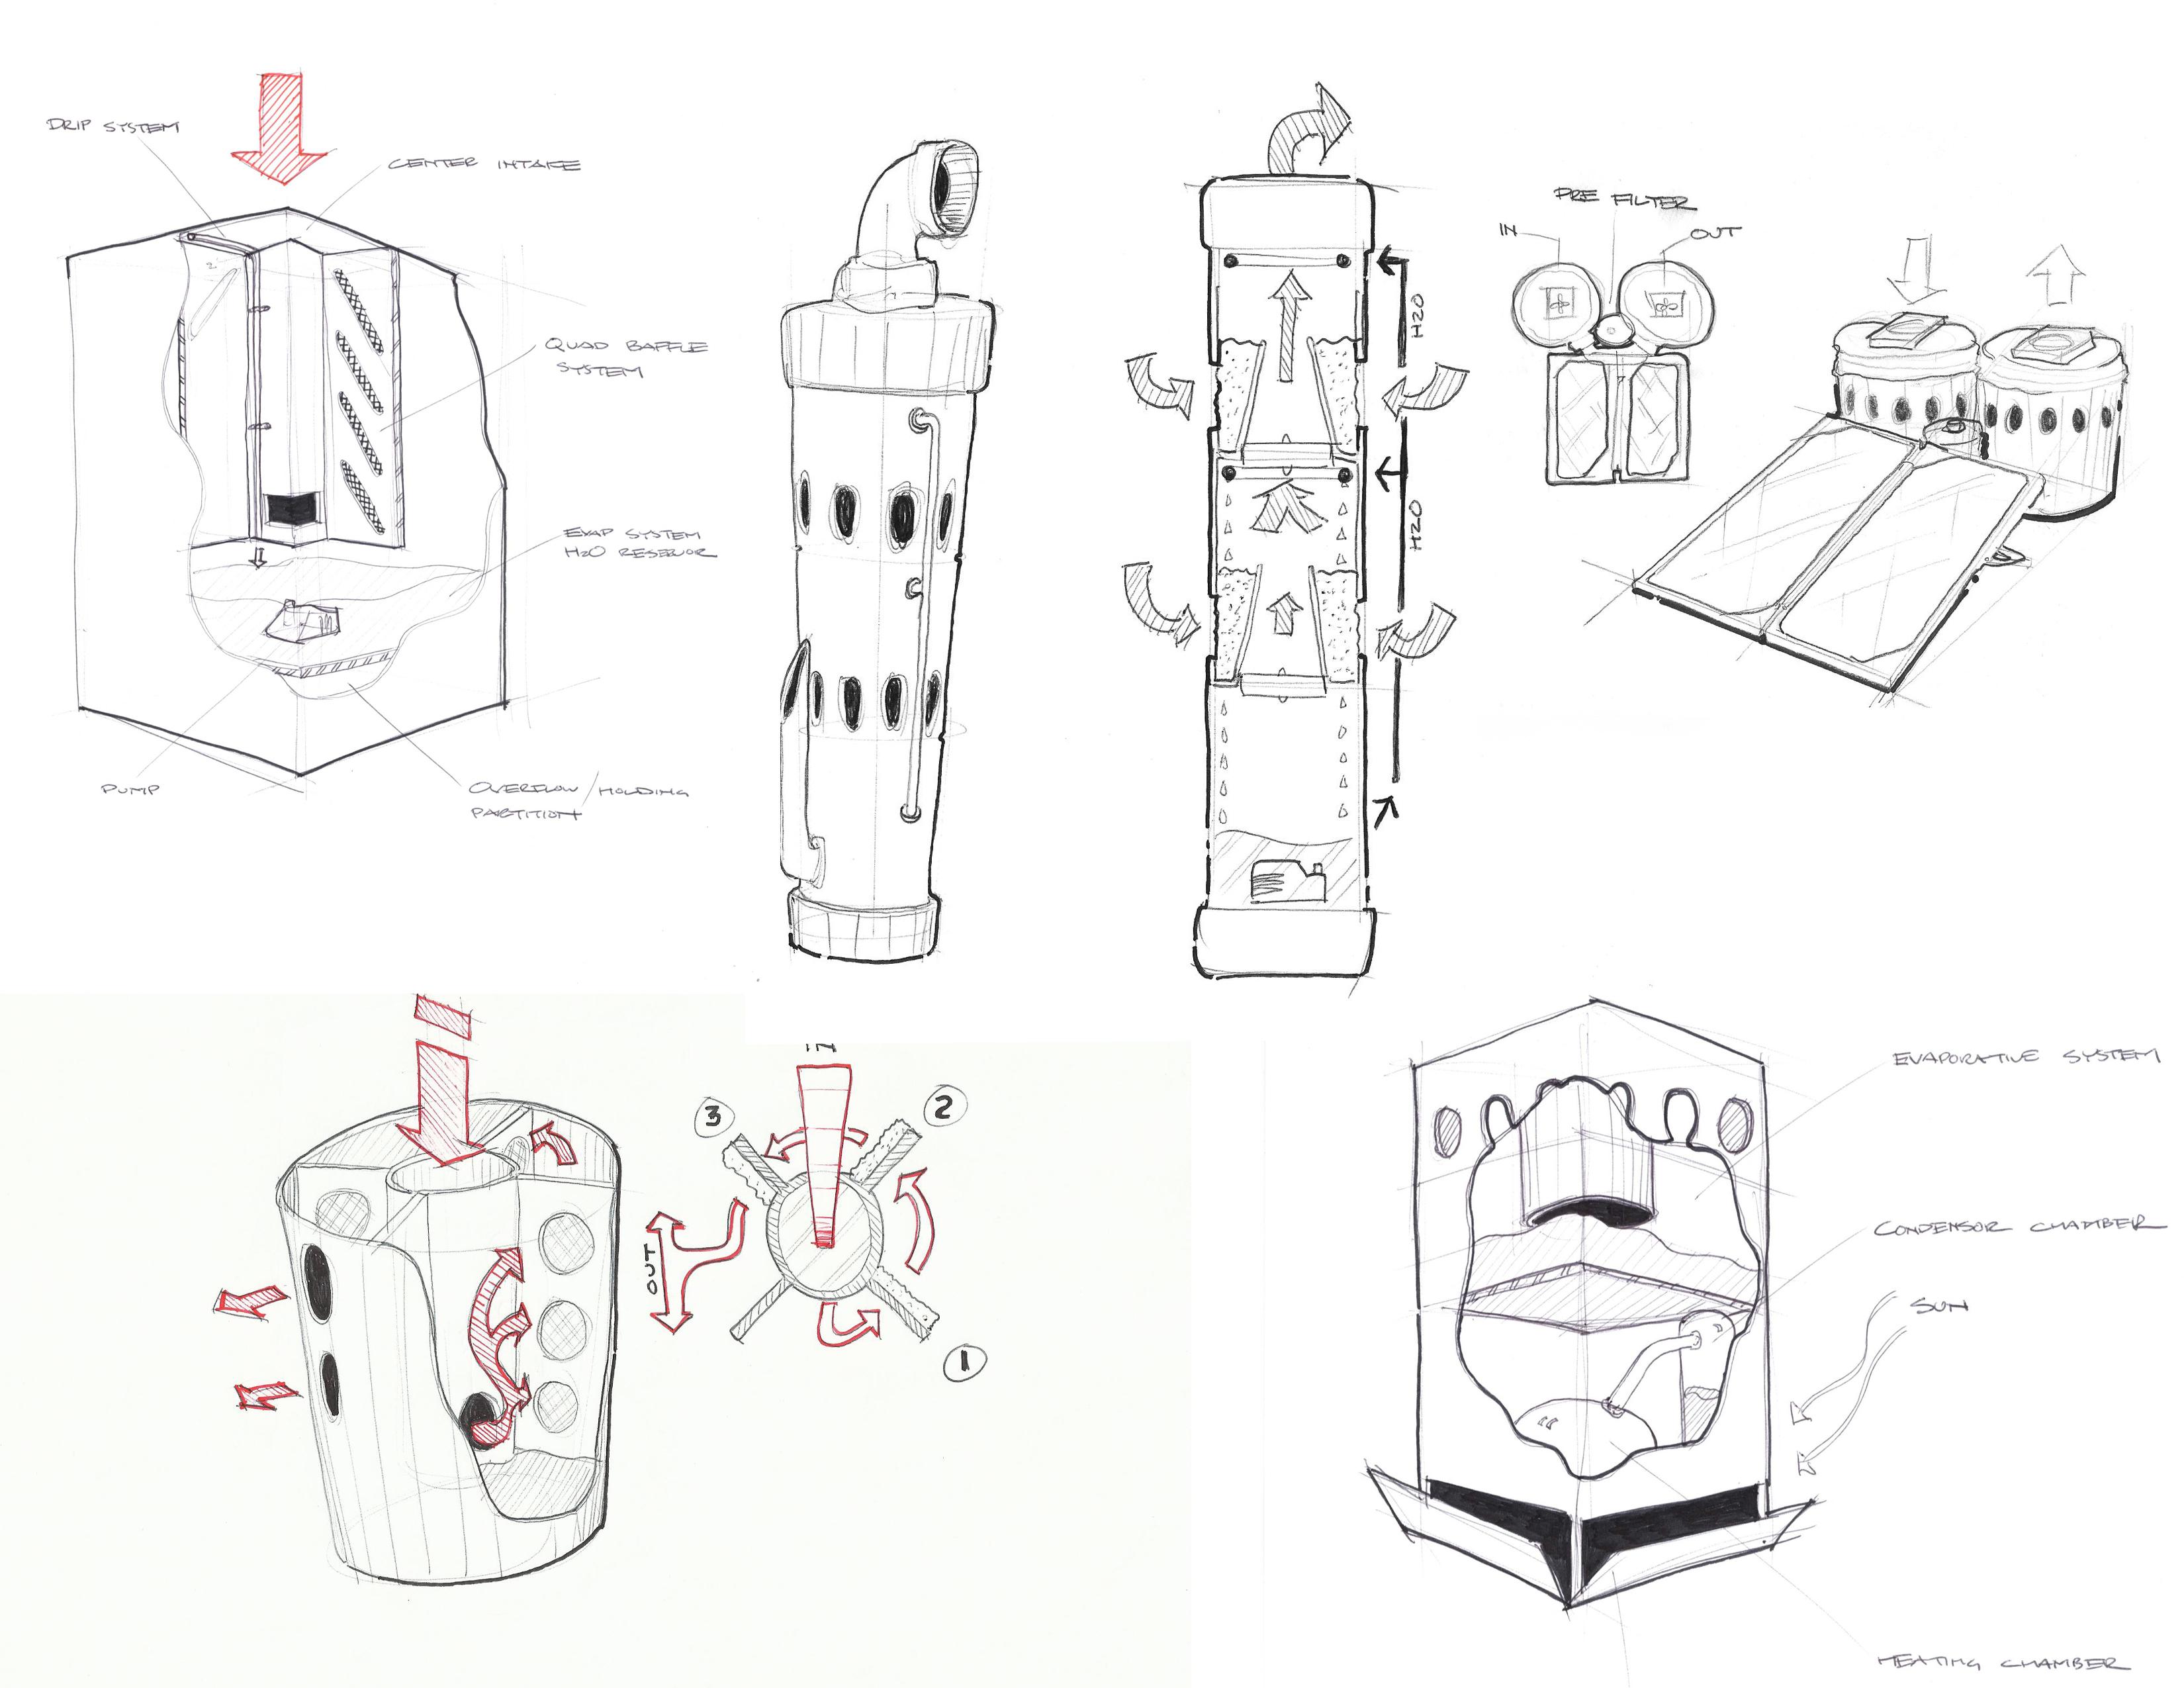 D I Y Inspired Evaporative Cooler Design For Remote